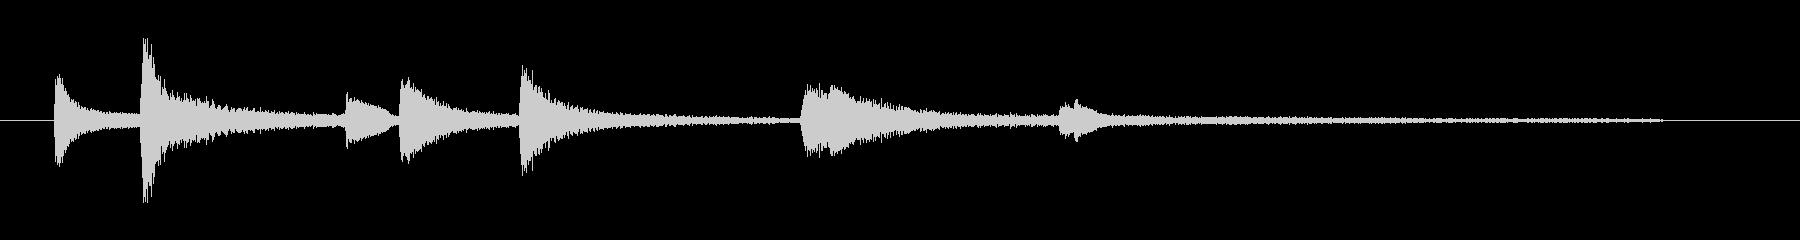 ジャズとクラシックの影響をブレンド...の未再生の波形